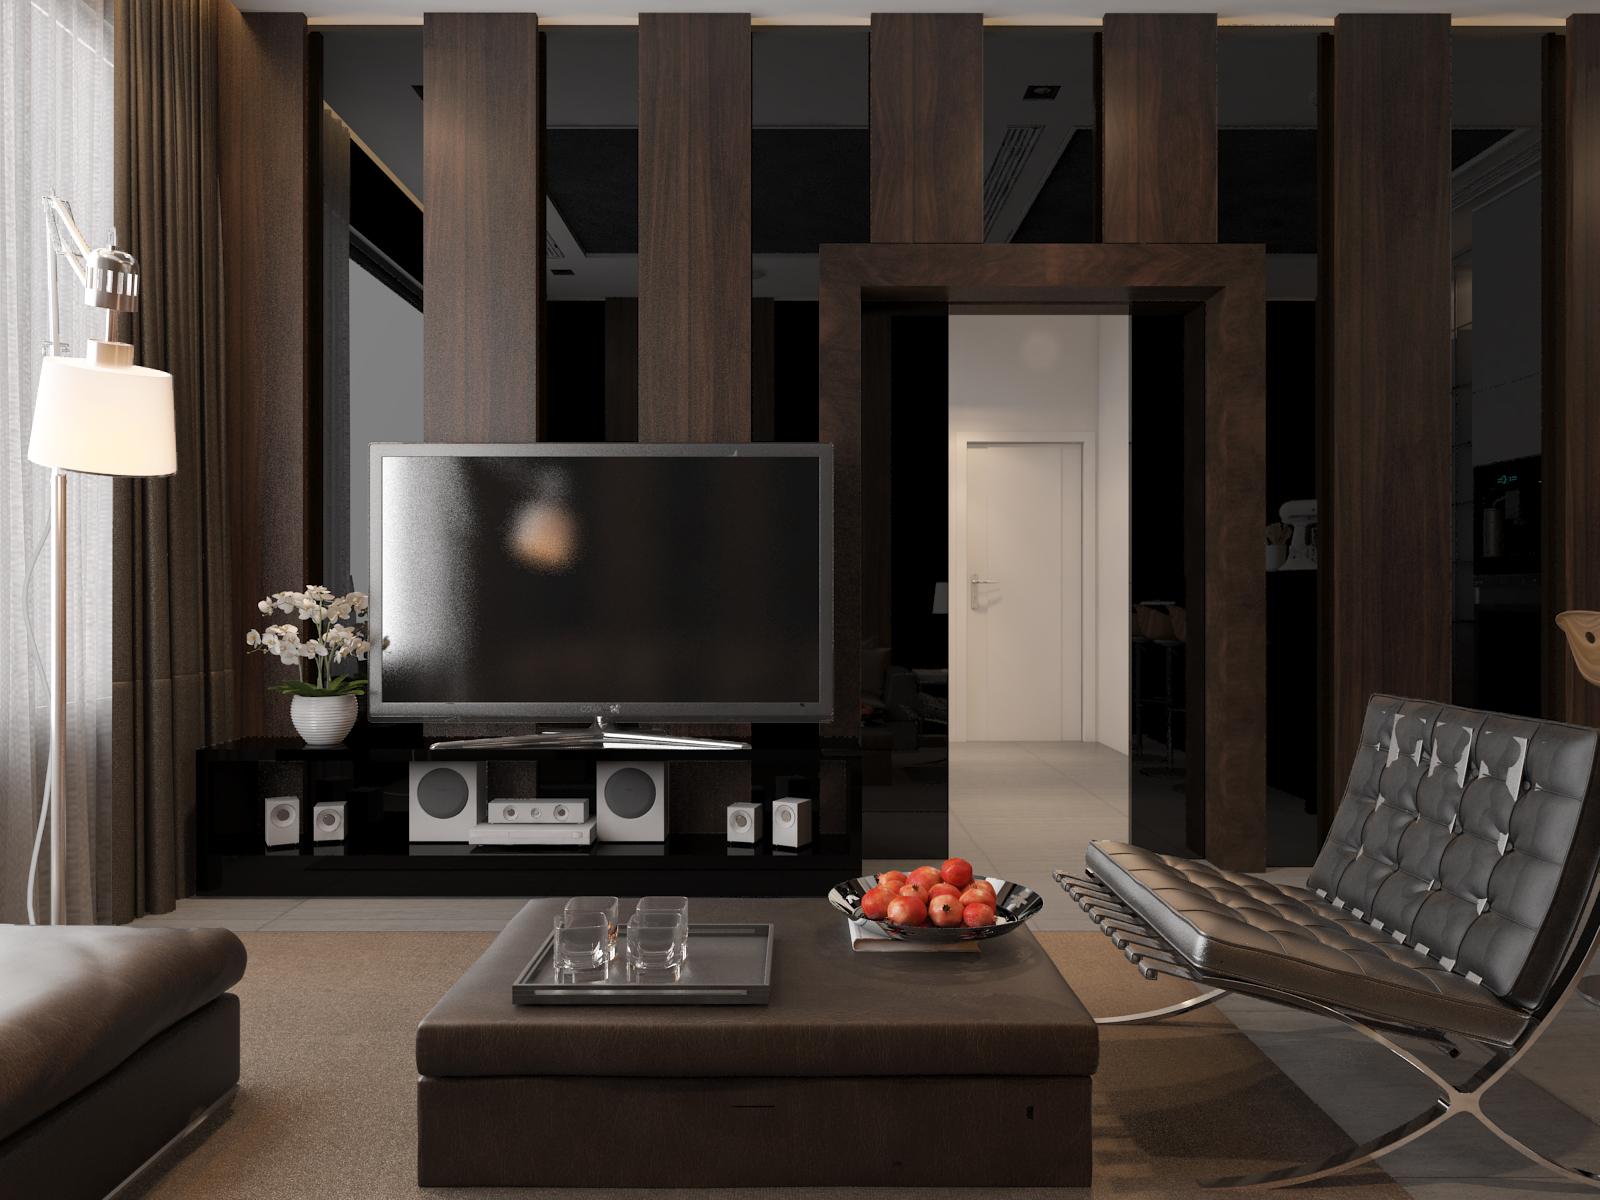 thiết kế nội thất Biệt Thự tại Hà Nội bt Vinhomes - riverside 52 1568085375